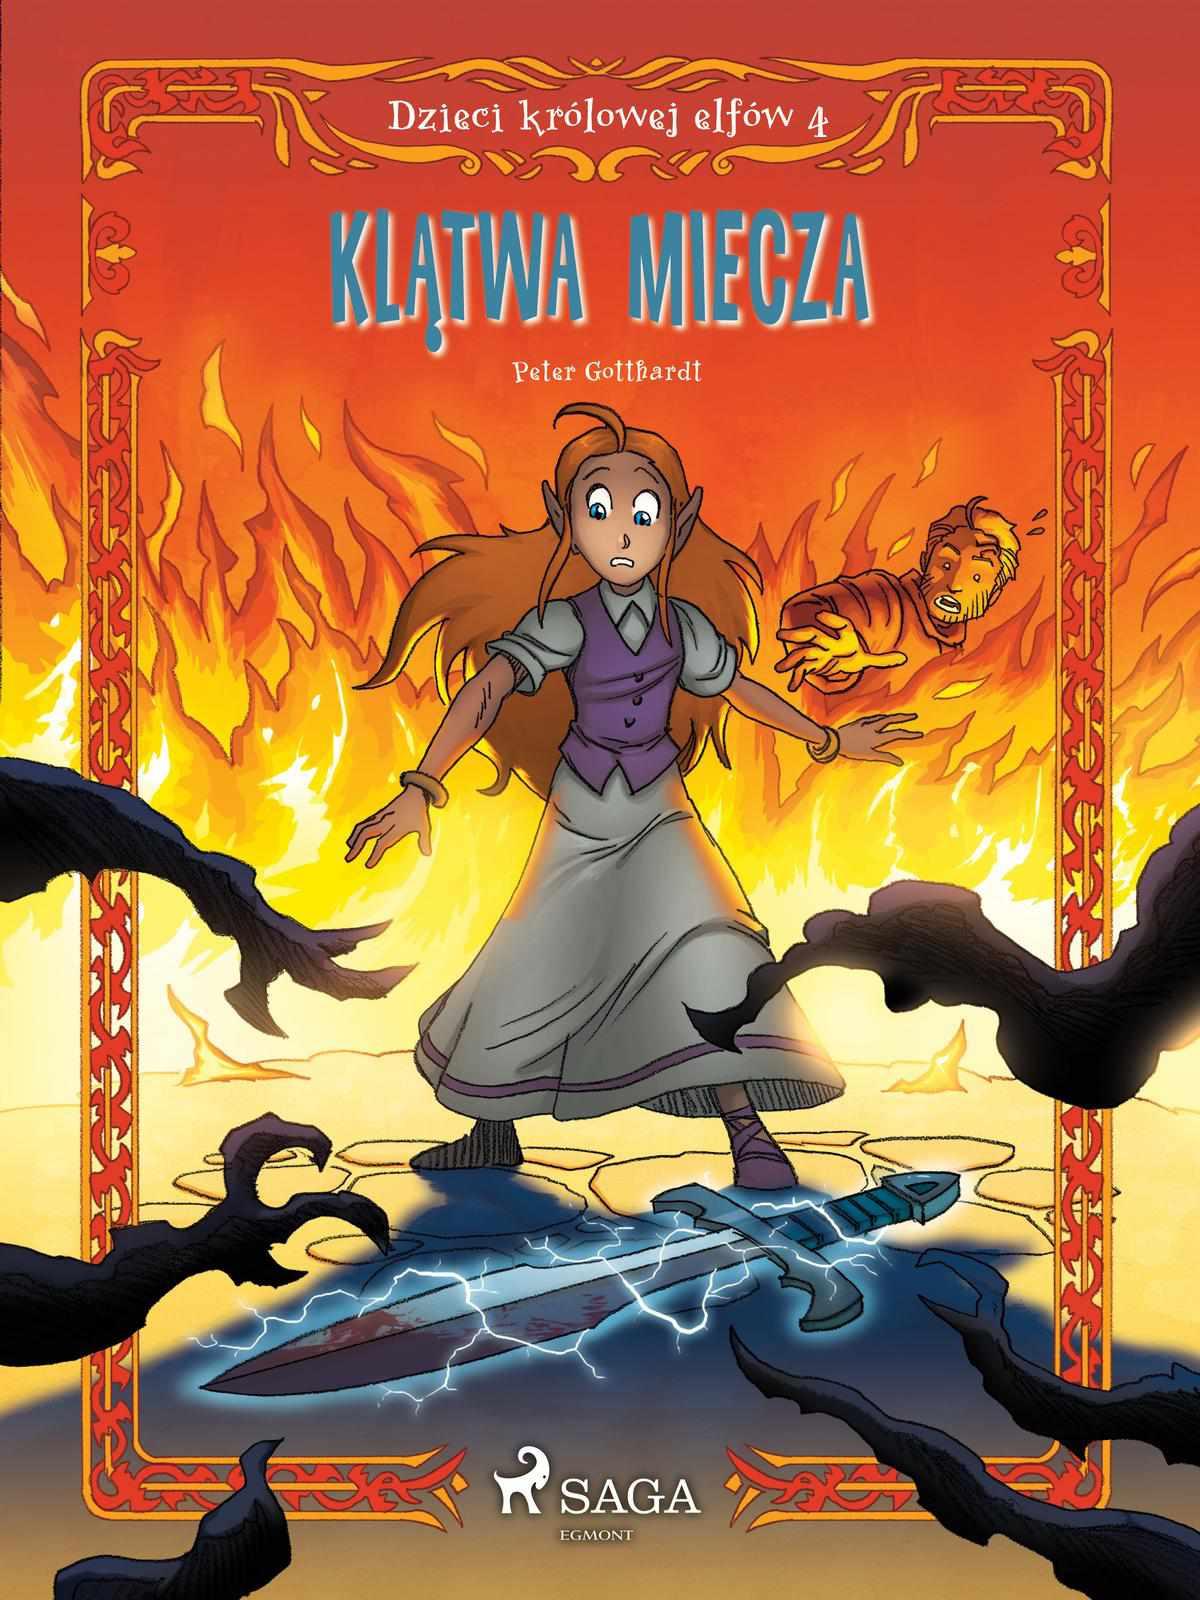 Dzieci królowej elfów 4 - Klątwa miecza - Ebook (Książka na Kindle) do pobrania w formacie MOBI